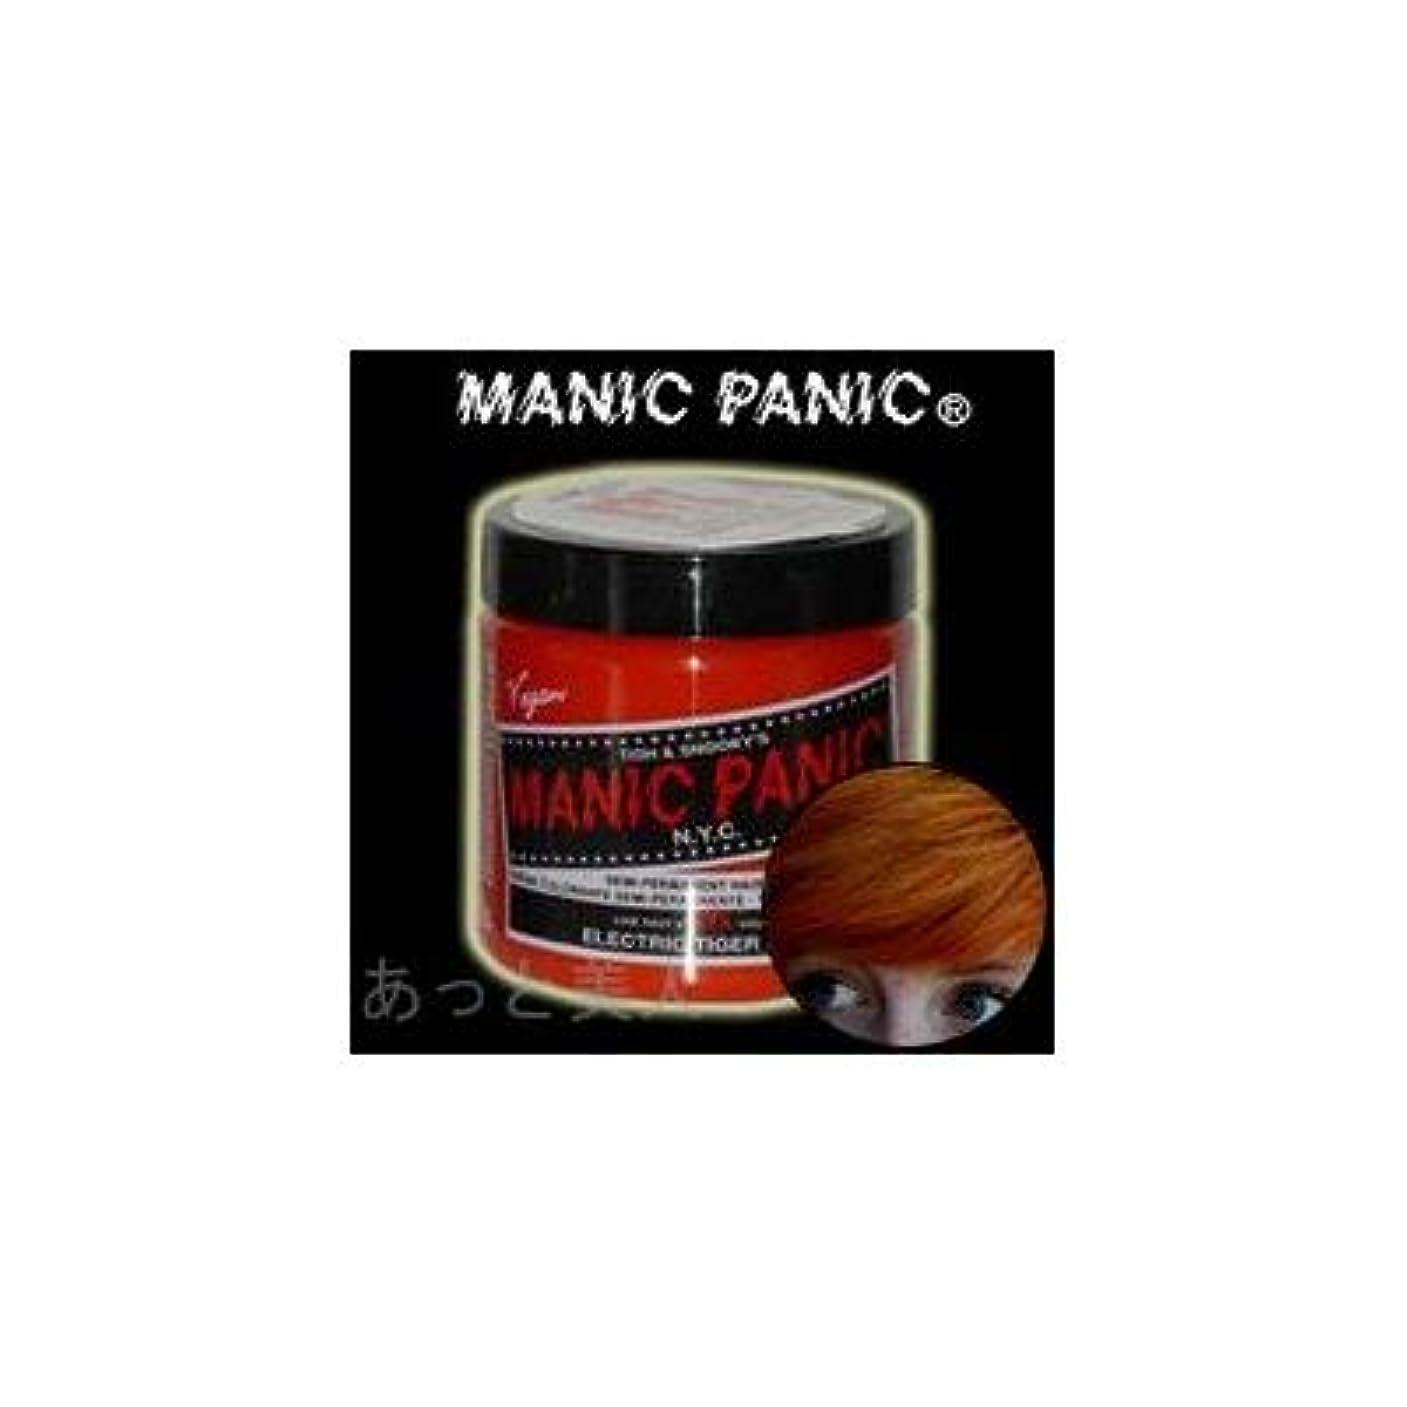 フォーク自慢トロイの木馬MANIC PANICマニックパニック エレクトリックタイガーリリー(Electric Tiger Lily)